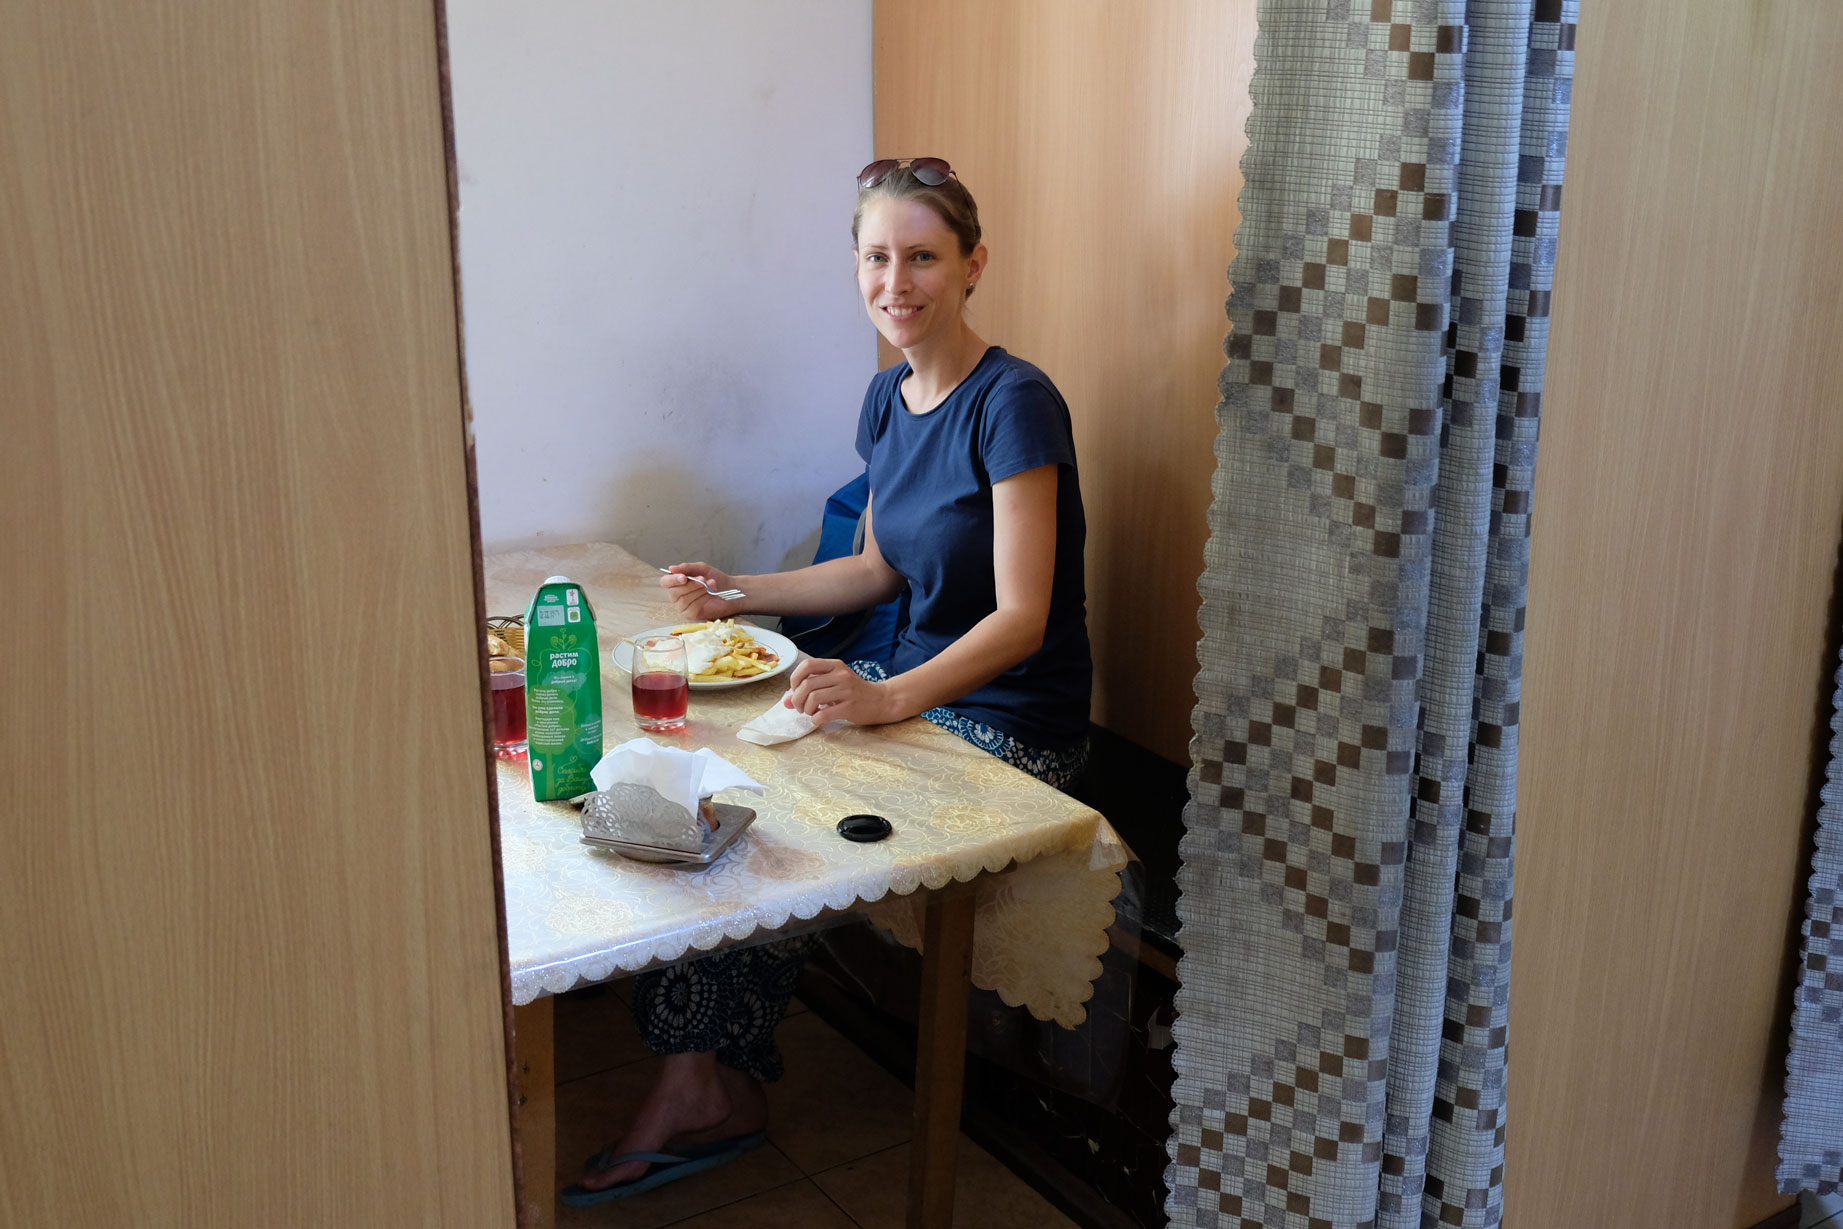 Essen im Séparée. Trotz Ramadan tagsüber trotzdem problemlos möglich.